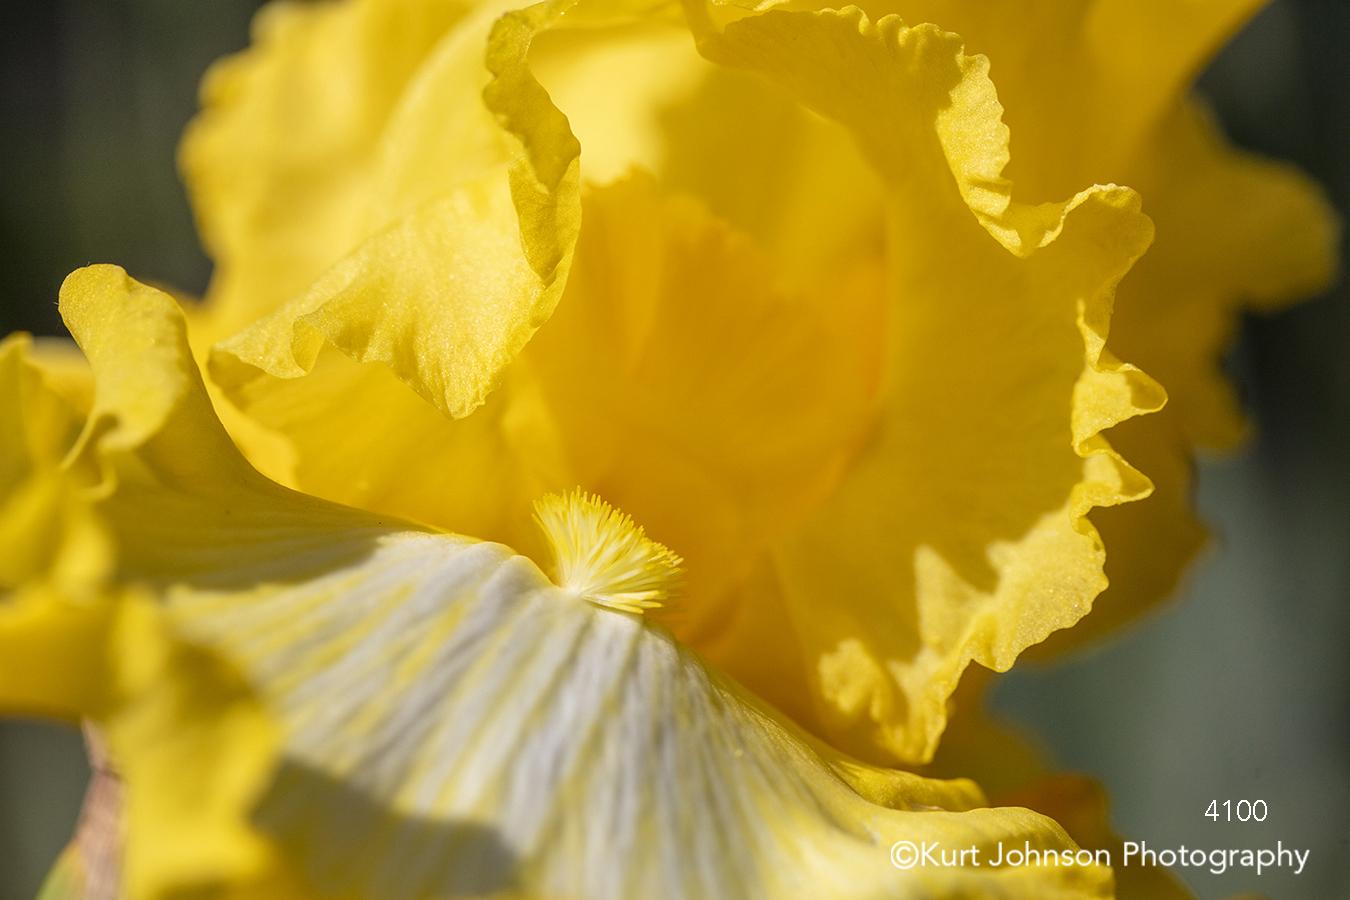 yellow flower flowers spring iris close up macro detail botanical